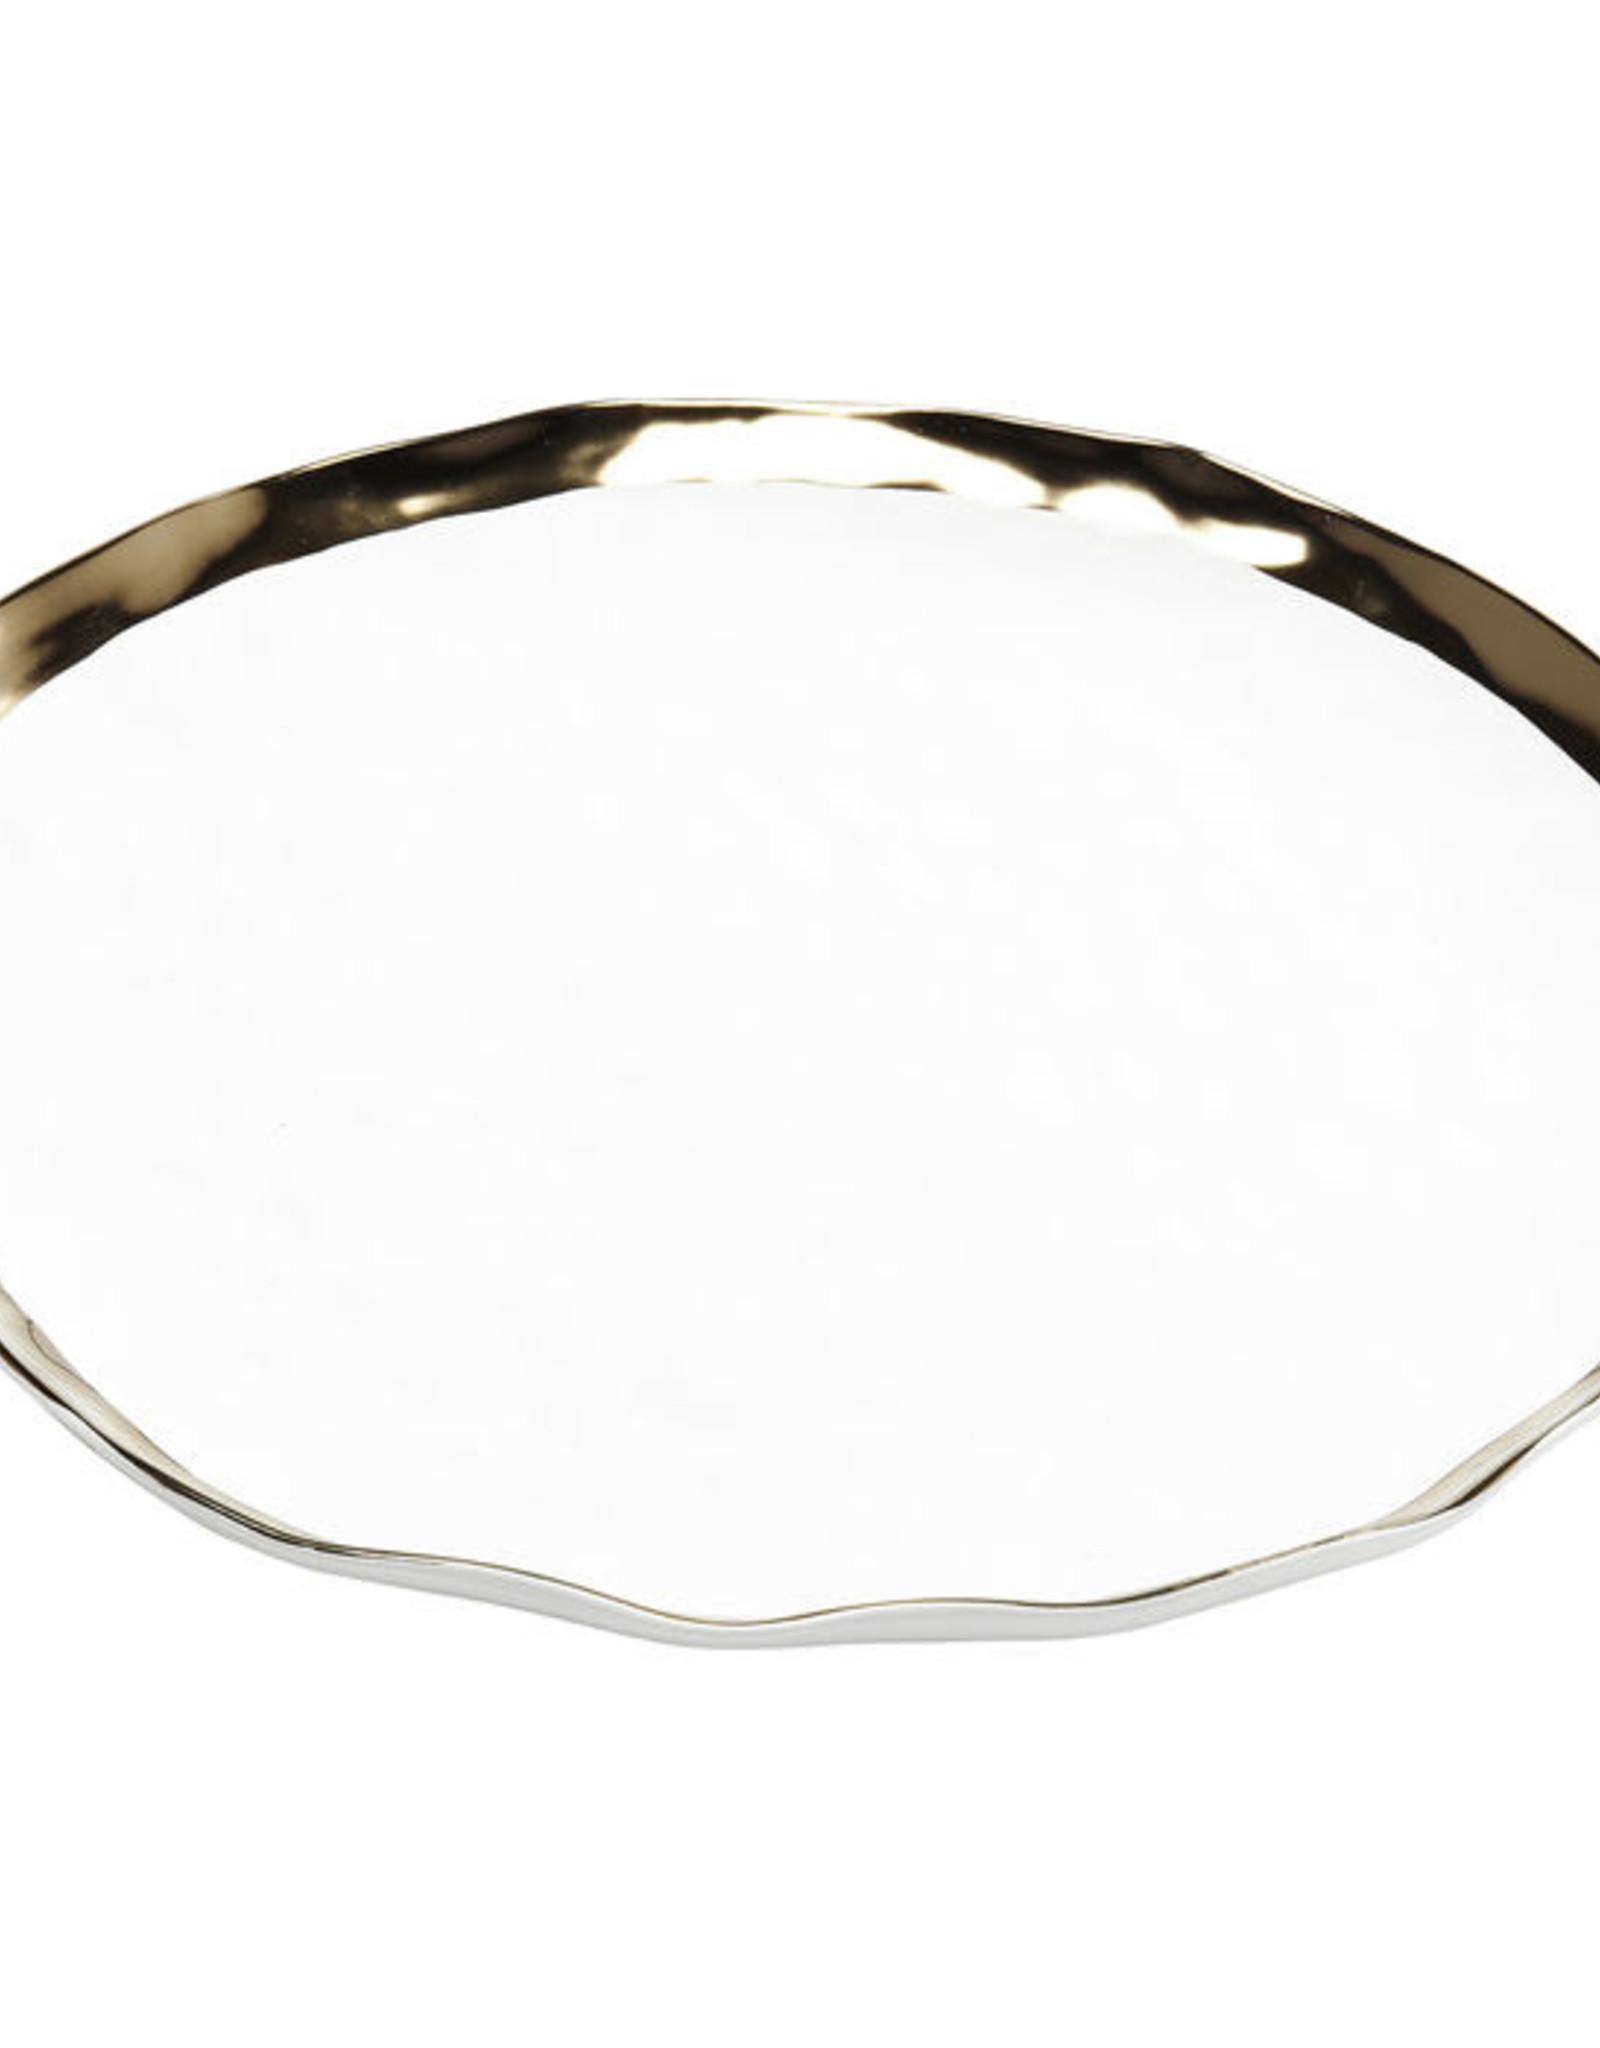 KARE DESIGN Plate Bell Ø31cm